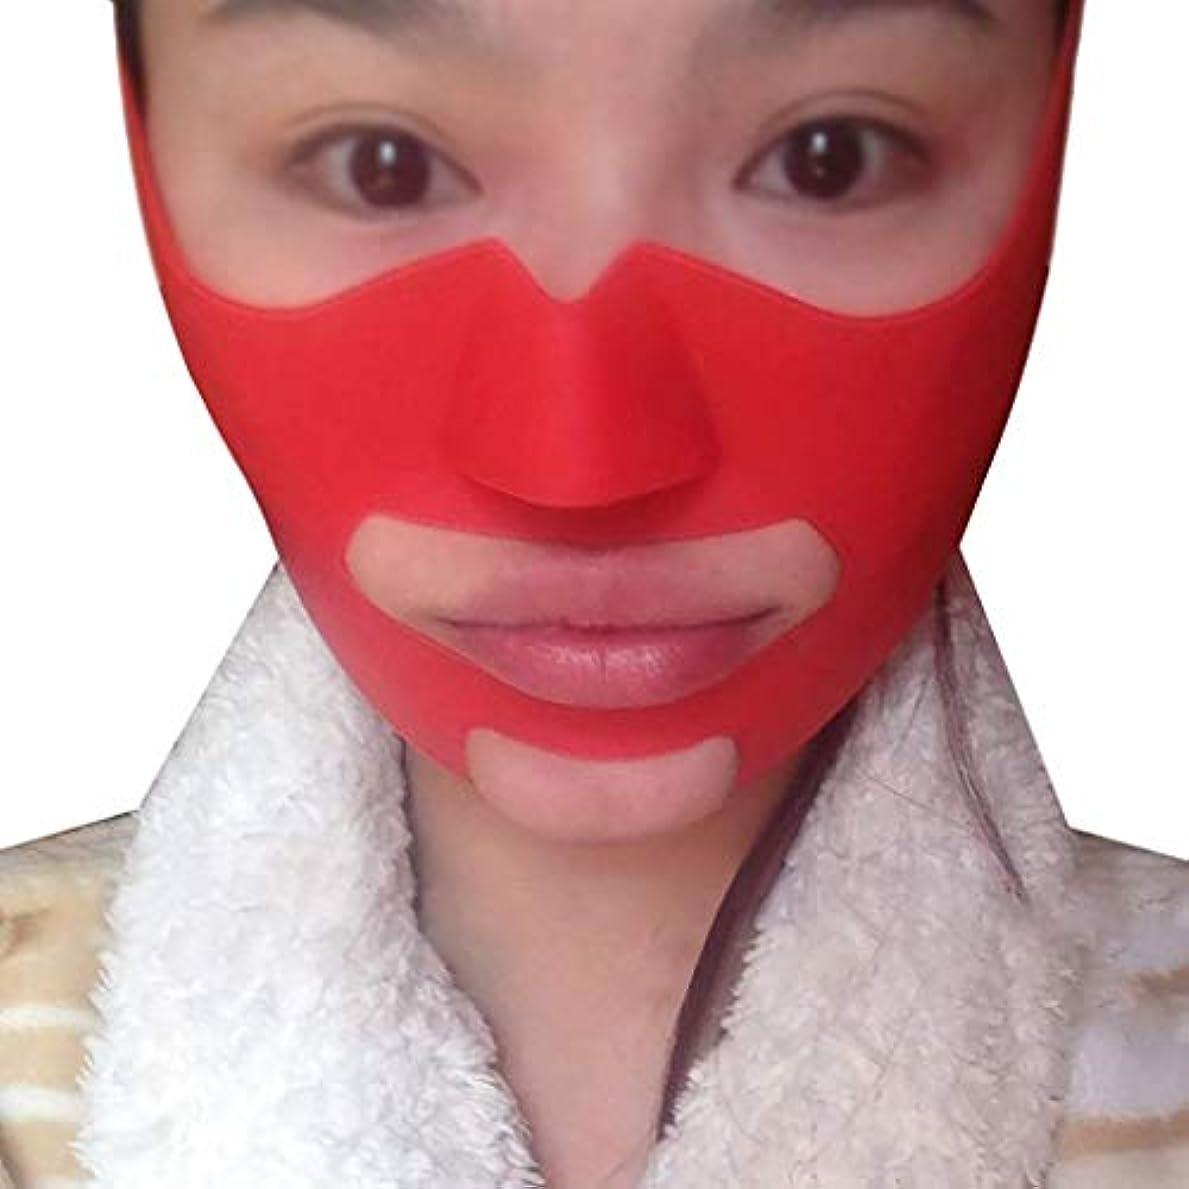 抑圧する顧問そっとフェイスリフトマスク、シリコンVフェイスマスクフェイスマスク強力な薄い咬筋筋肉を持ち上げるアップルの筋肉パターン布アーティファクト小さなV顔包帯顔と首リフト